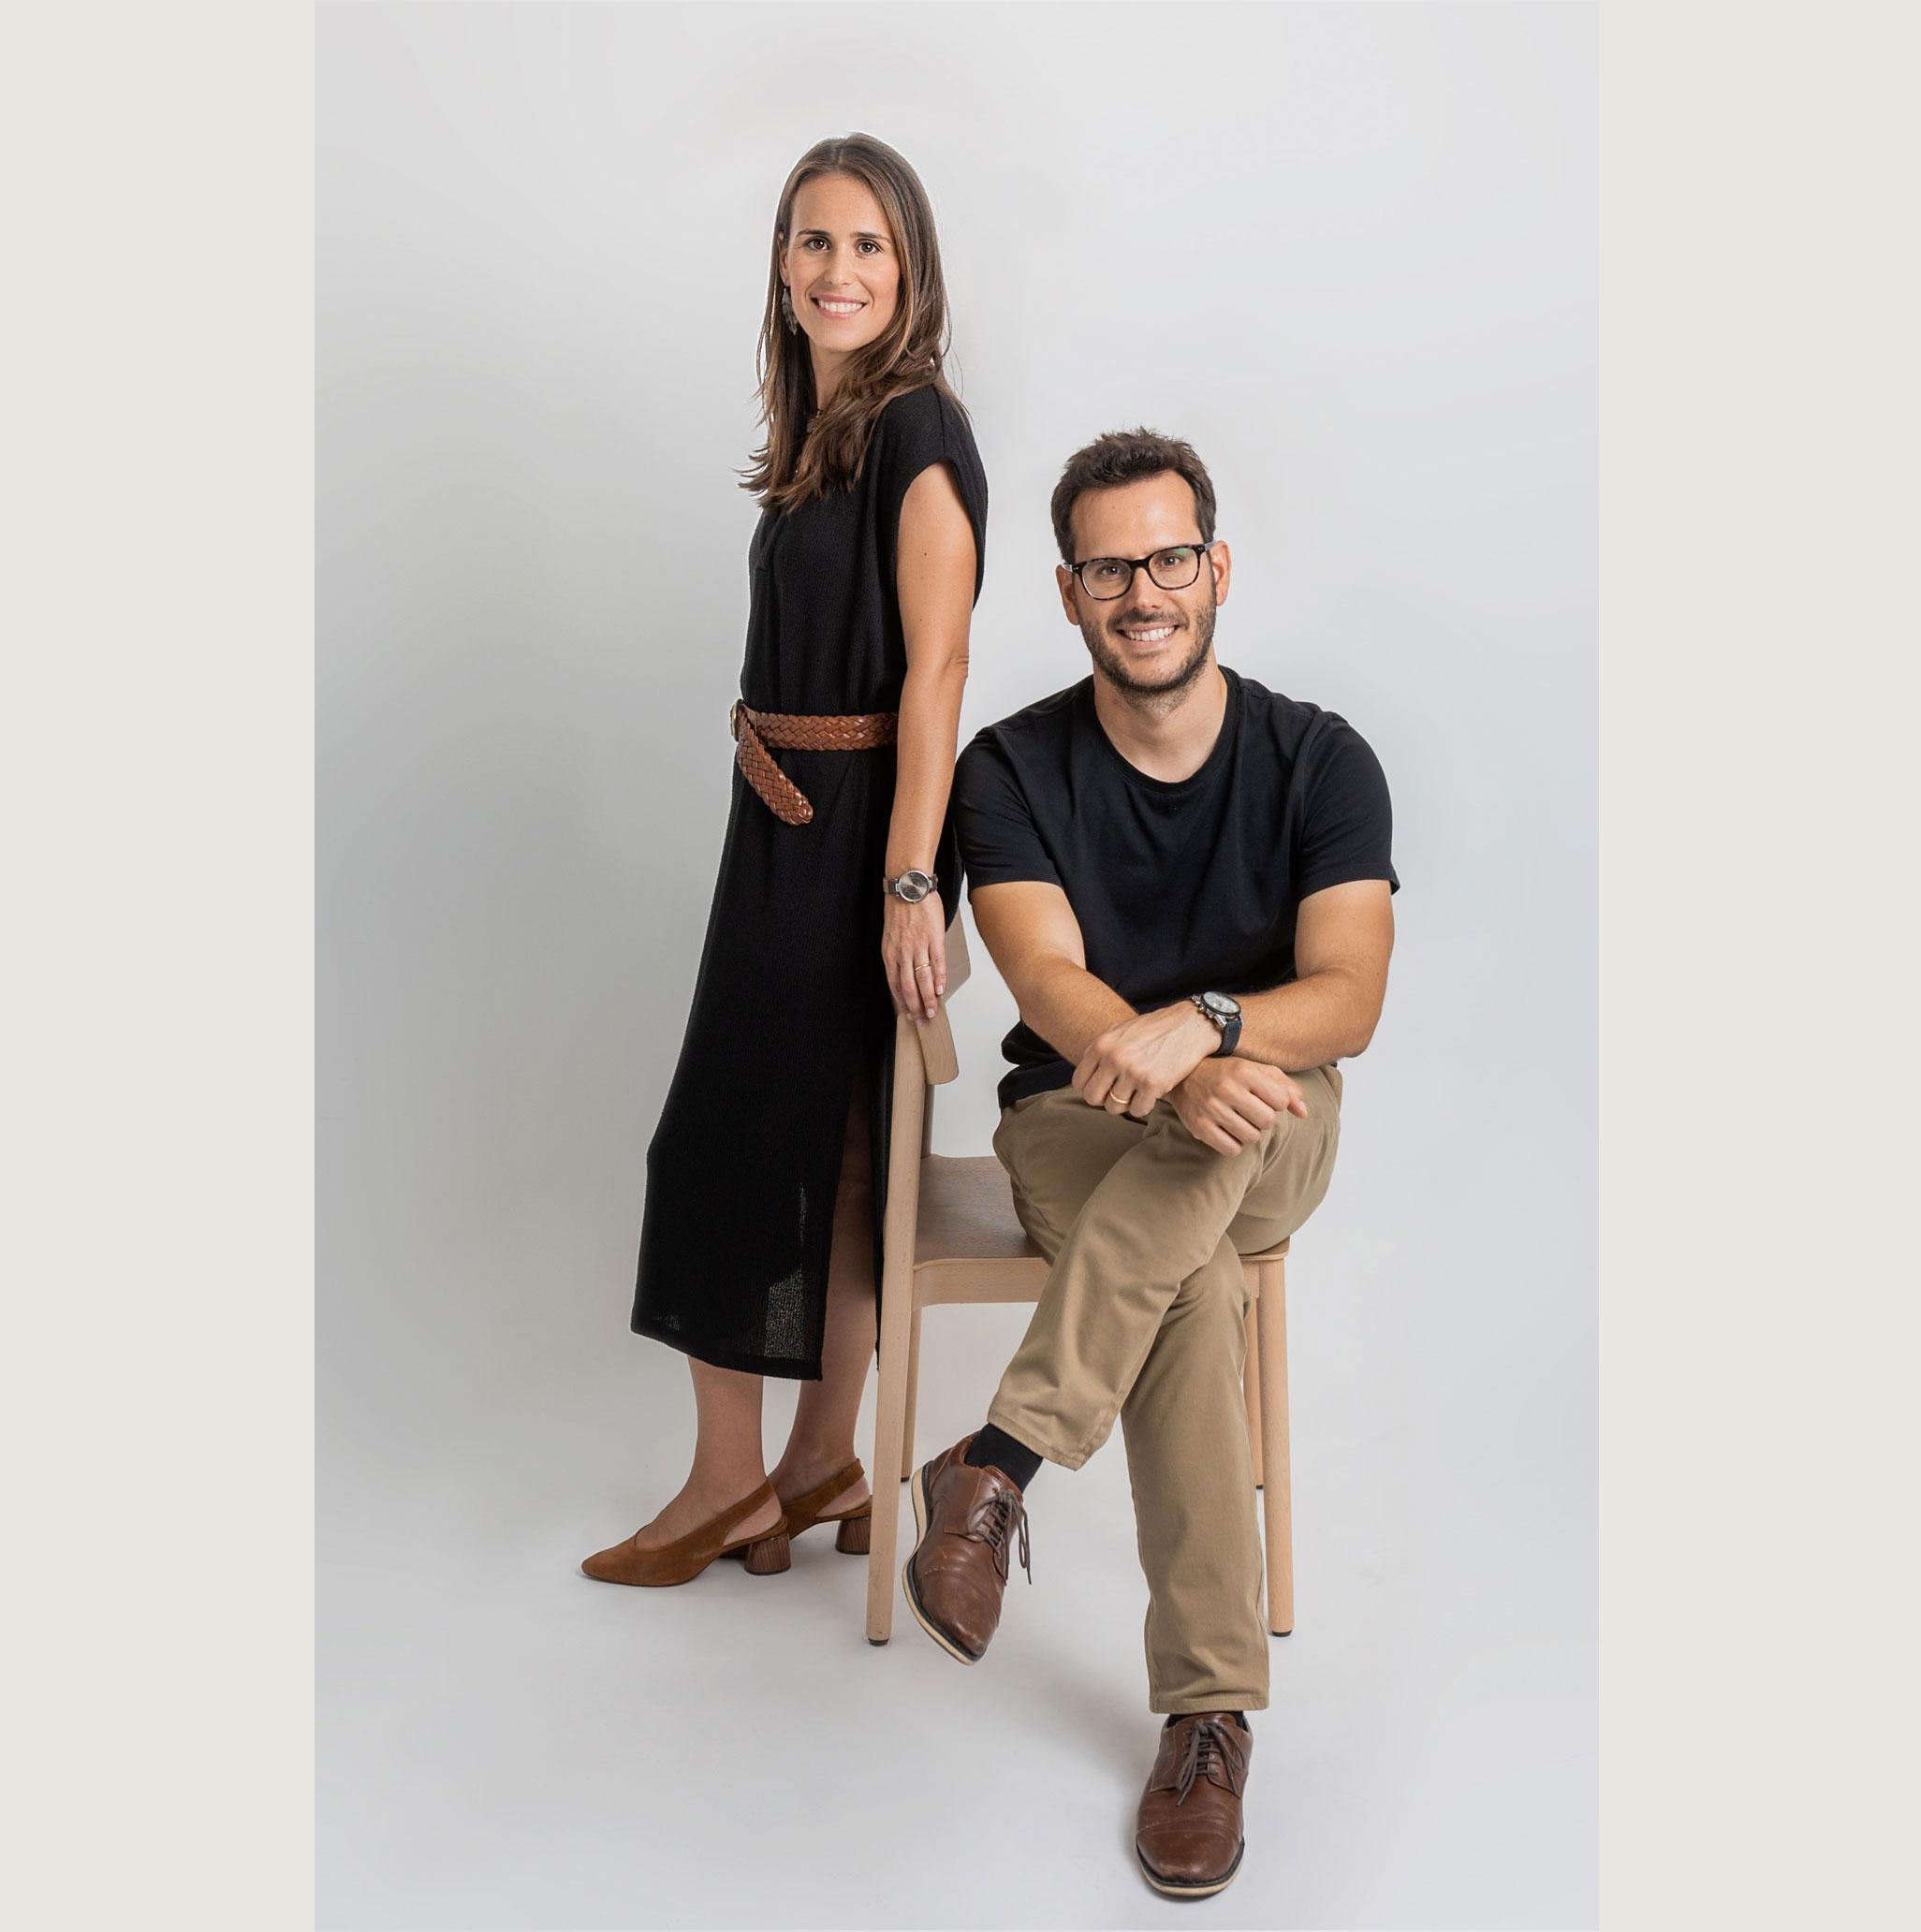 Lourdes Coll Pablo Miranda - Momocca Design